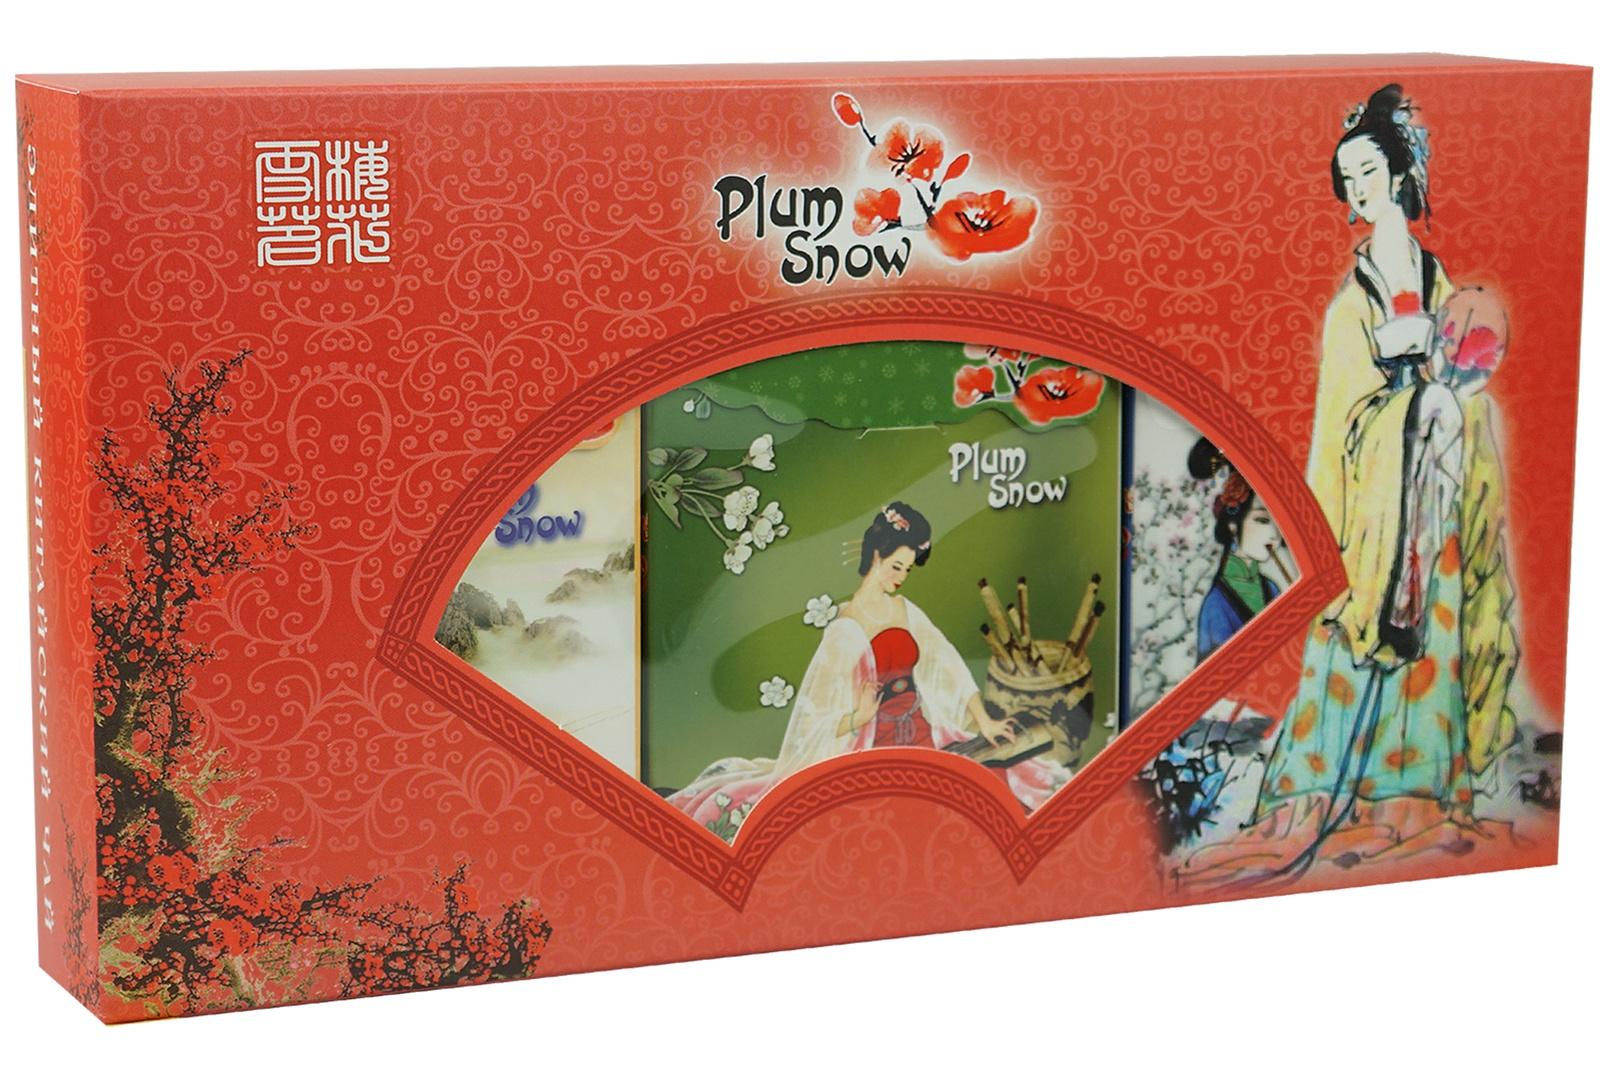 Чай листовой Plum Snow PS205 plum snow молочный улун листовой чай 100 г